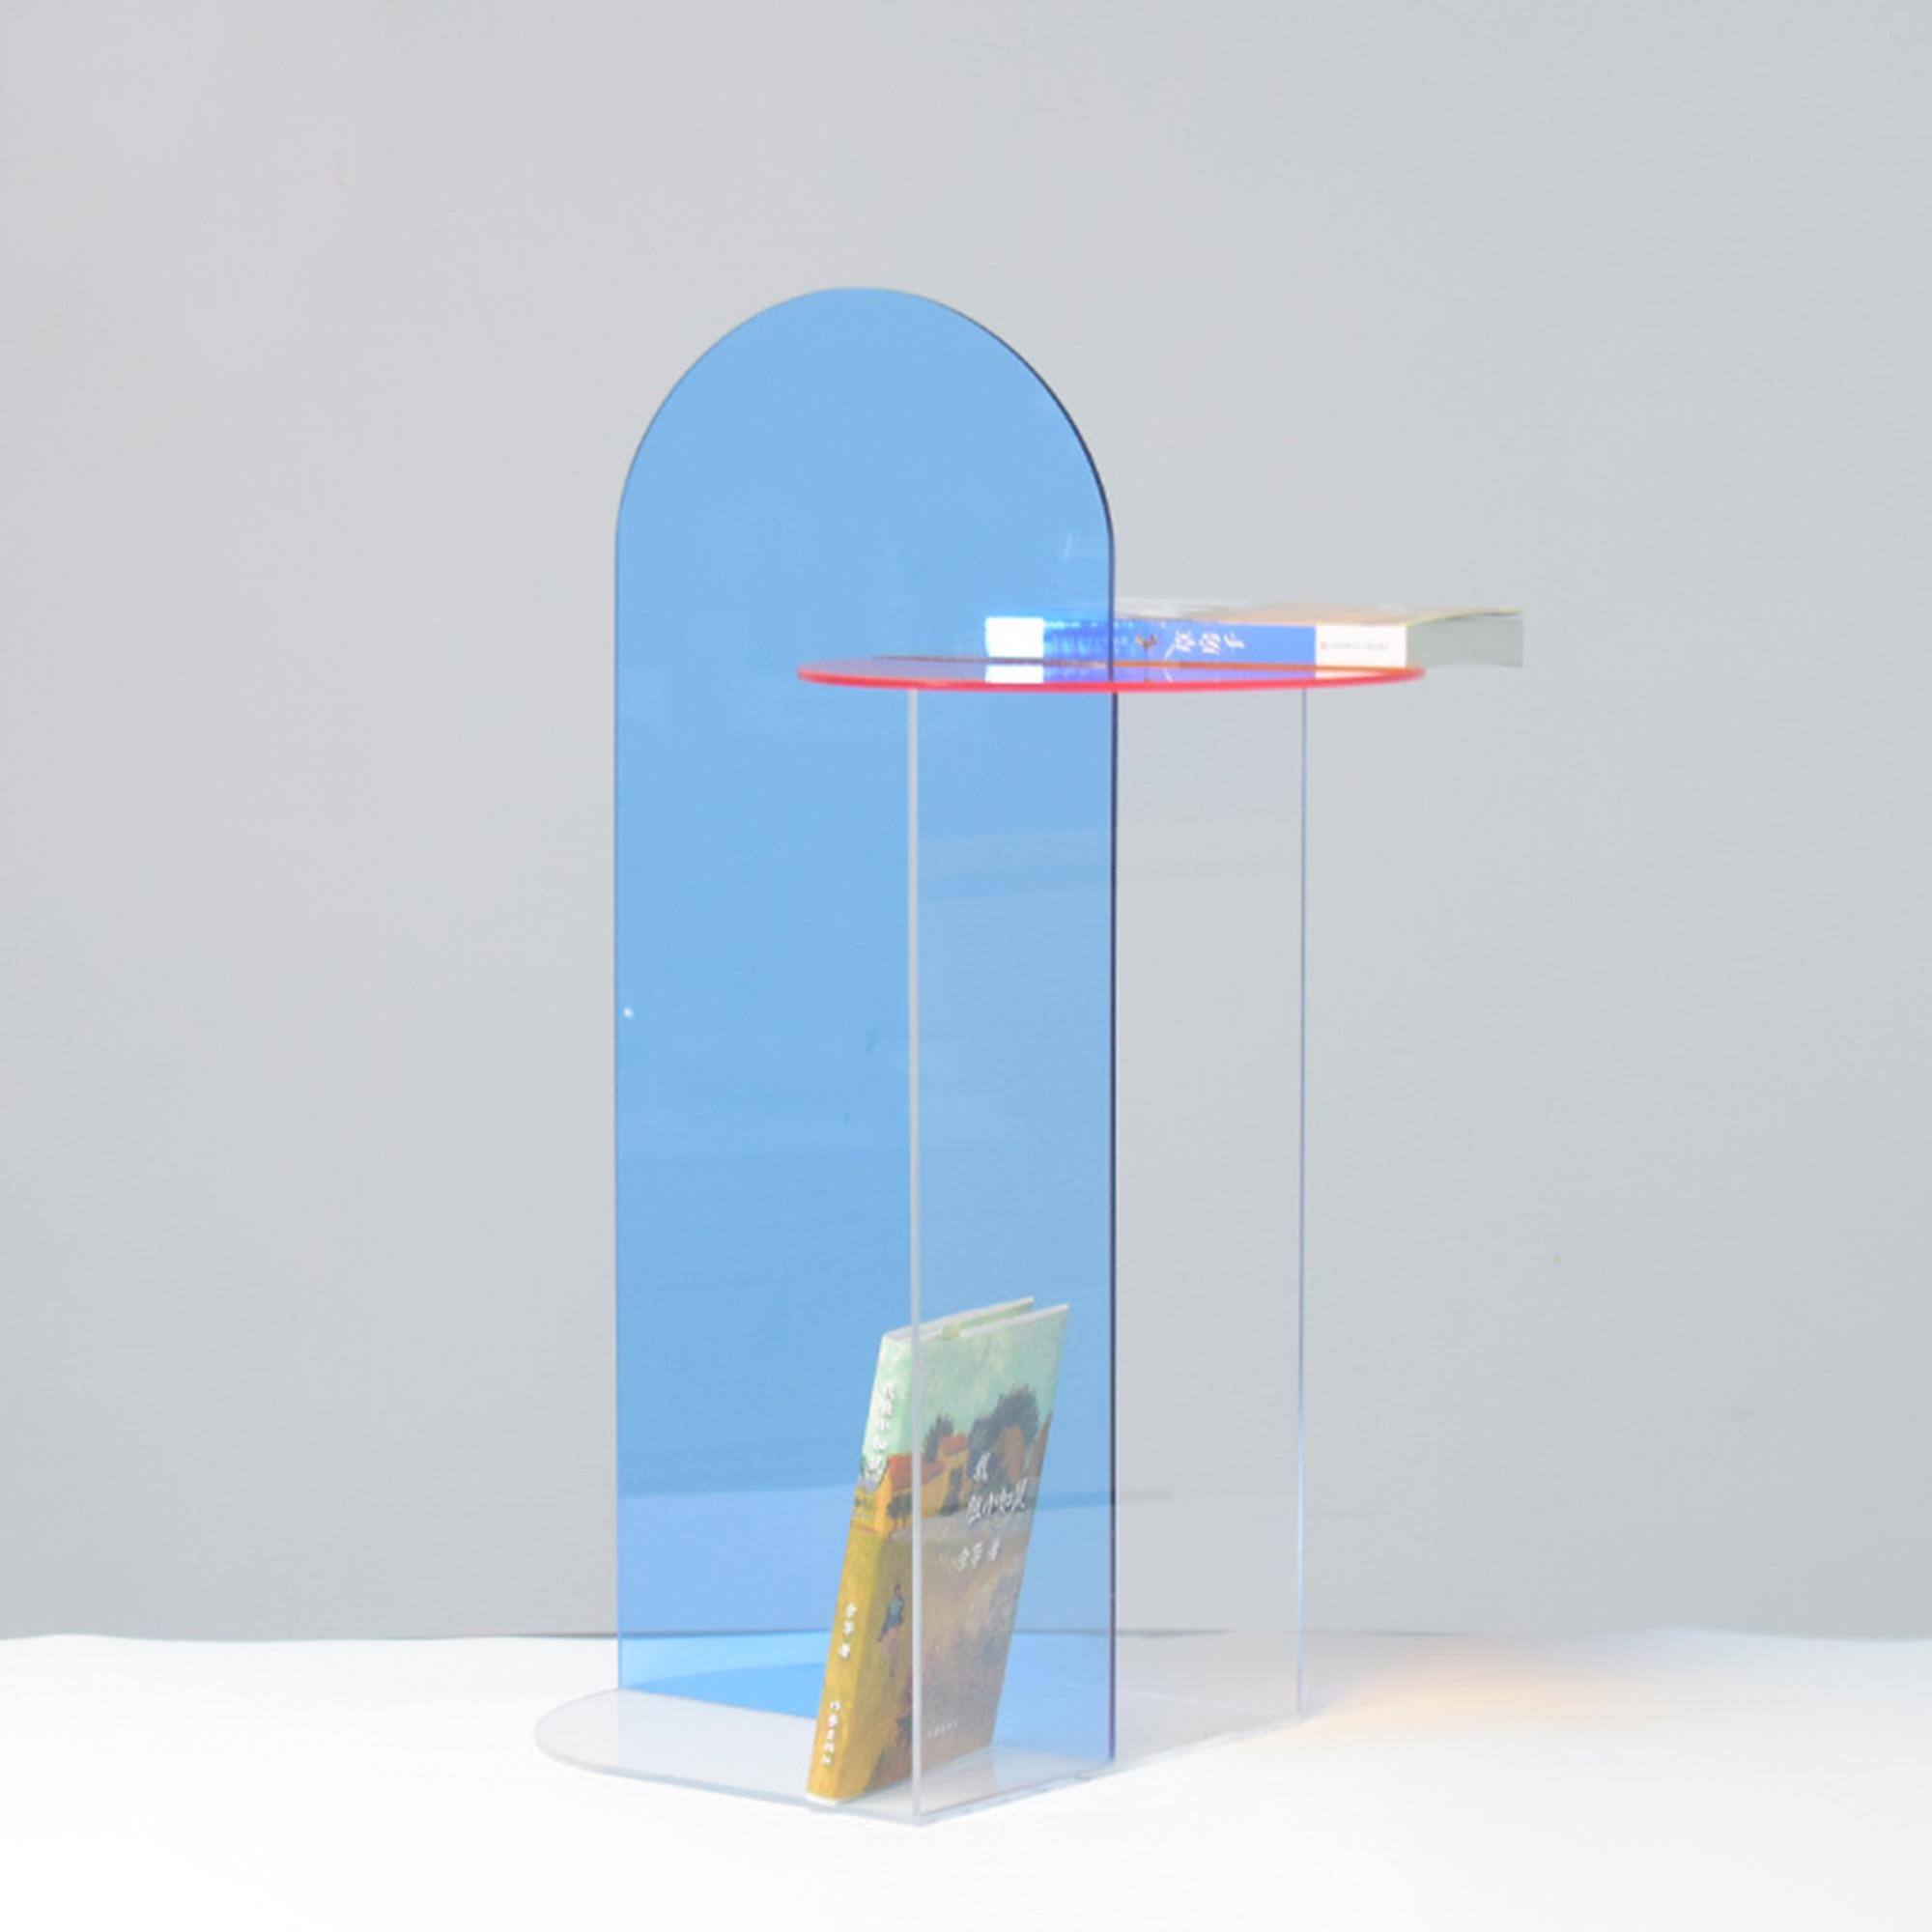 الاكريليك الإبداعية رف الكتب الزخرفية الشرفة تخزين رف شاشة الموضة هندسية الفن الحلي